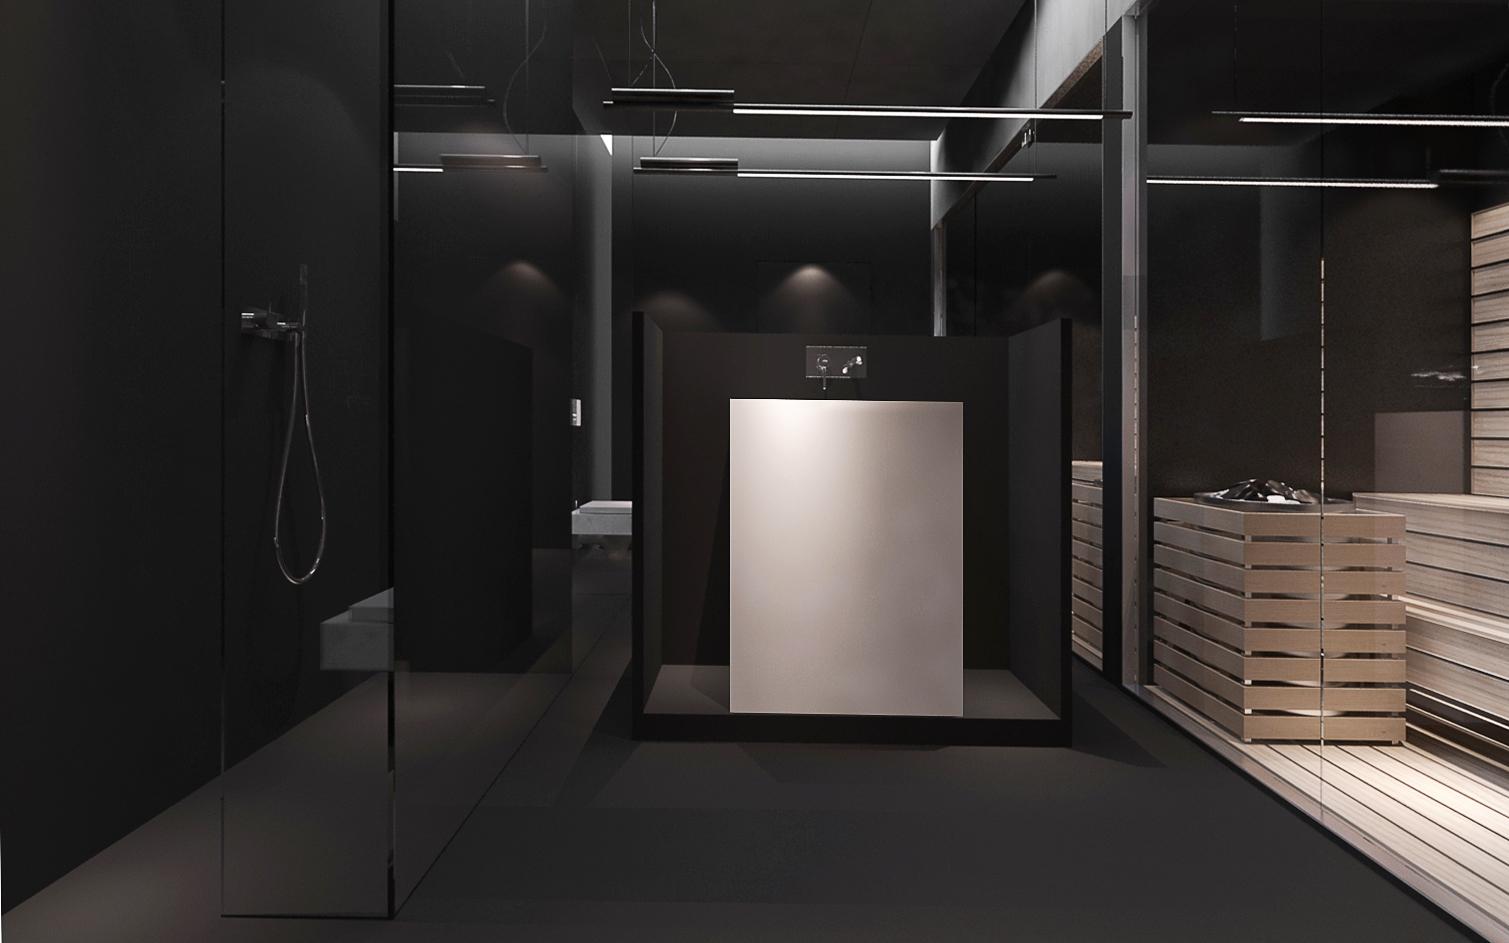 020 mono architekt wnętrz śląsk katowice gliwice nowoczesna łazienka sauna minimalistyczna